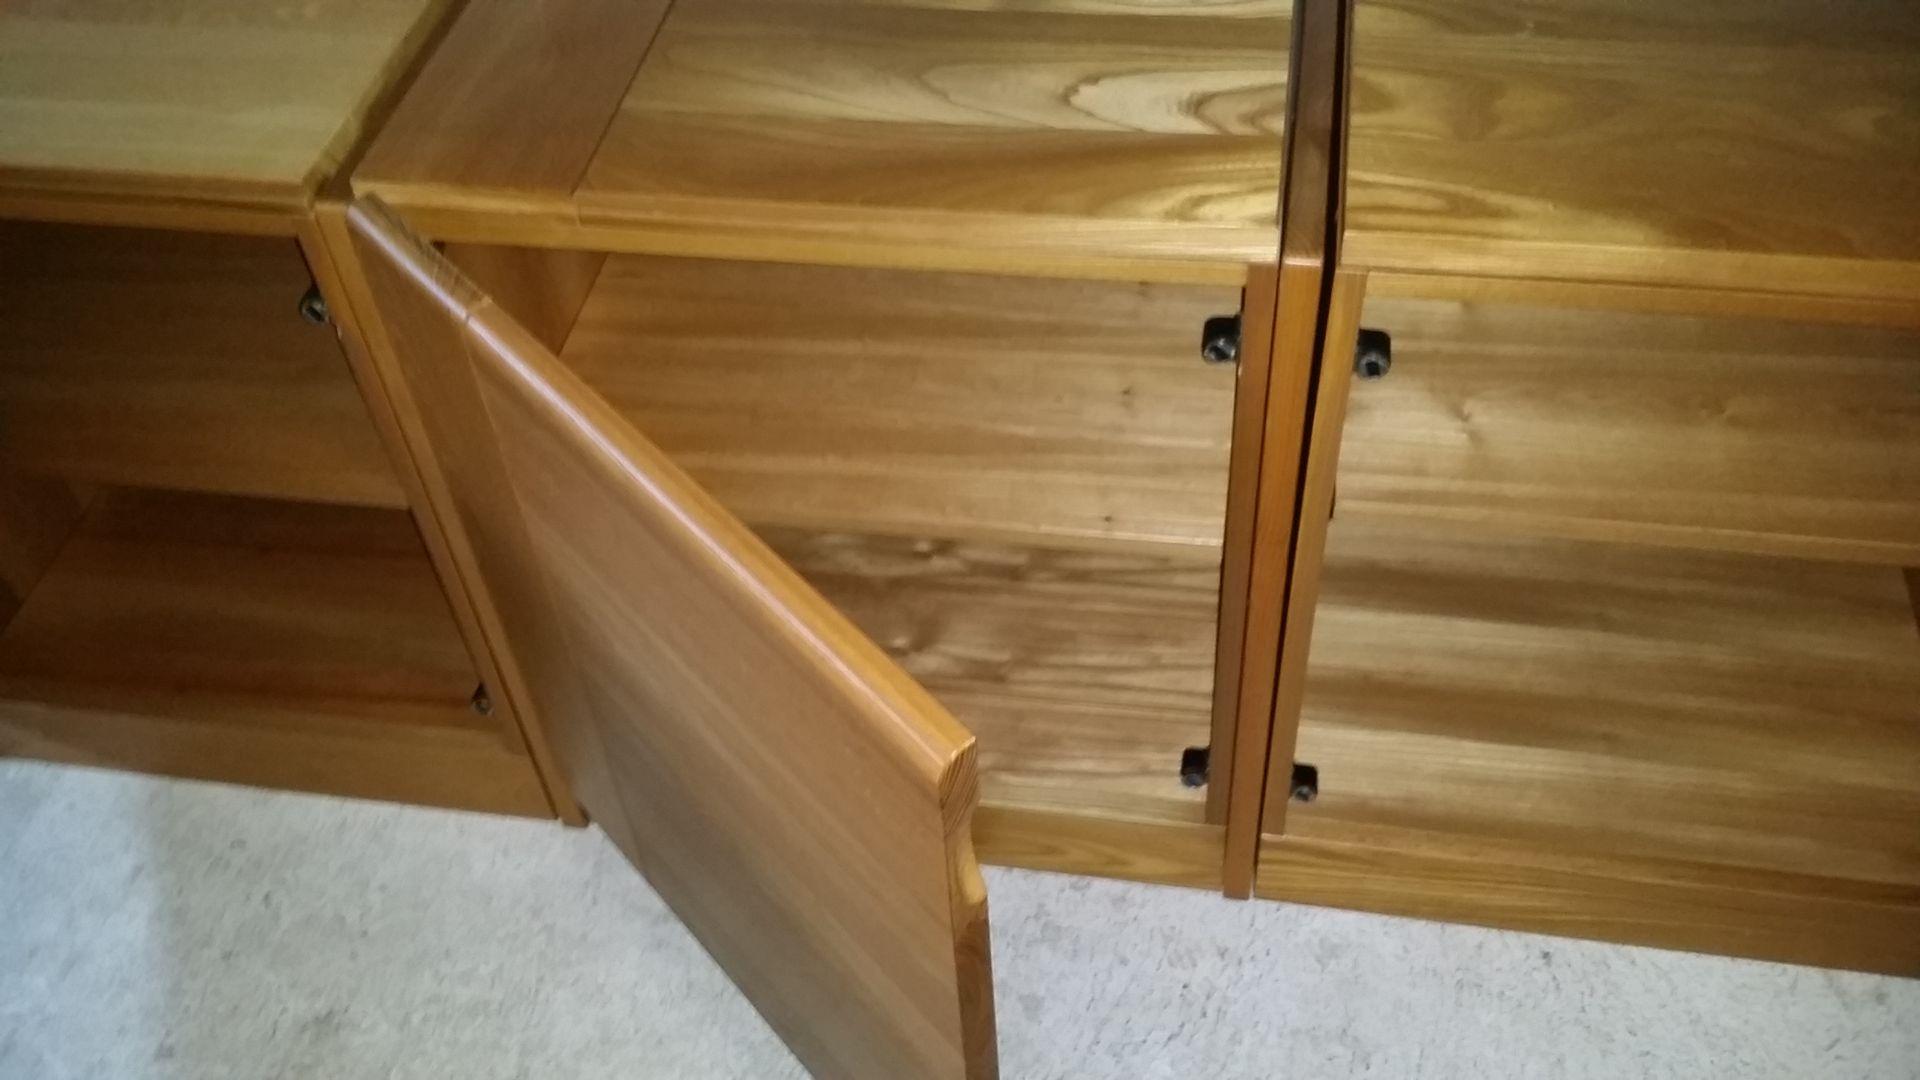 enfilade modulaire 3 pi ces de regain 1980s en vente sur pamono. Black Bedroom Furniture Sets. Home Design Ideas